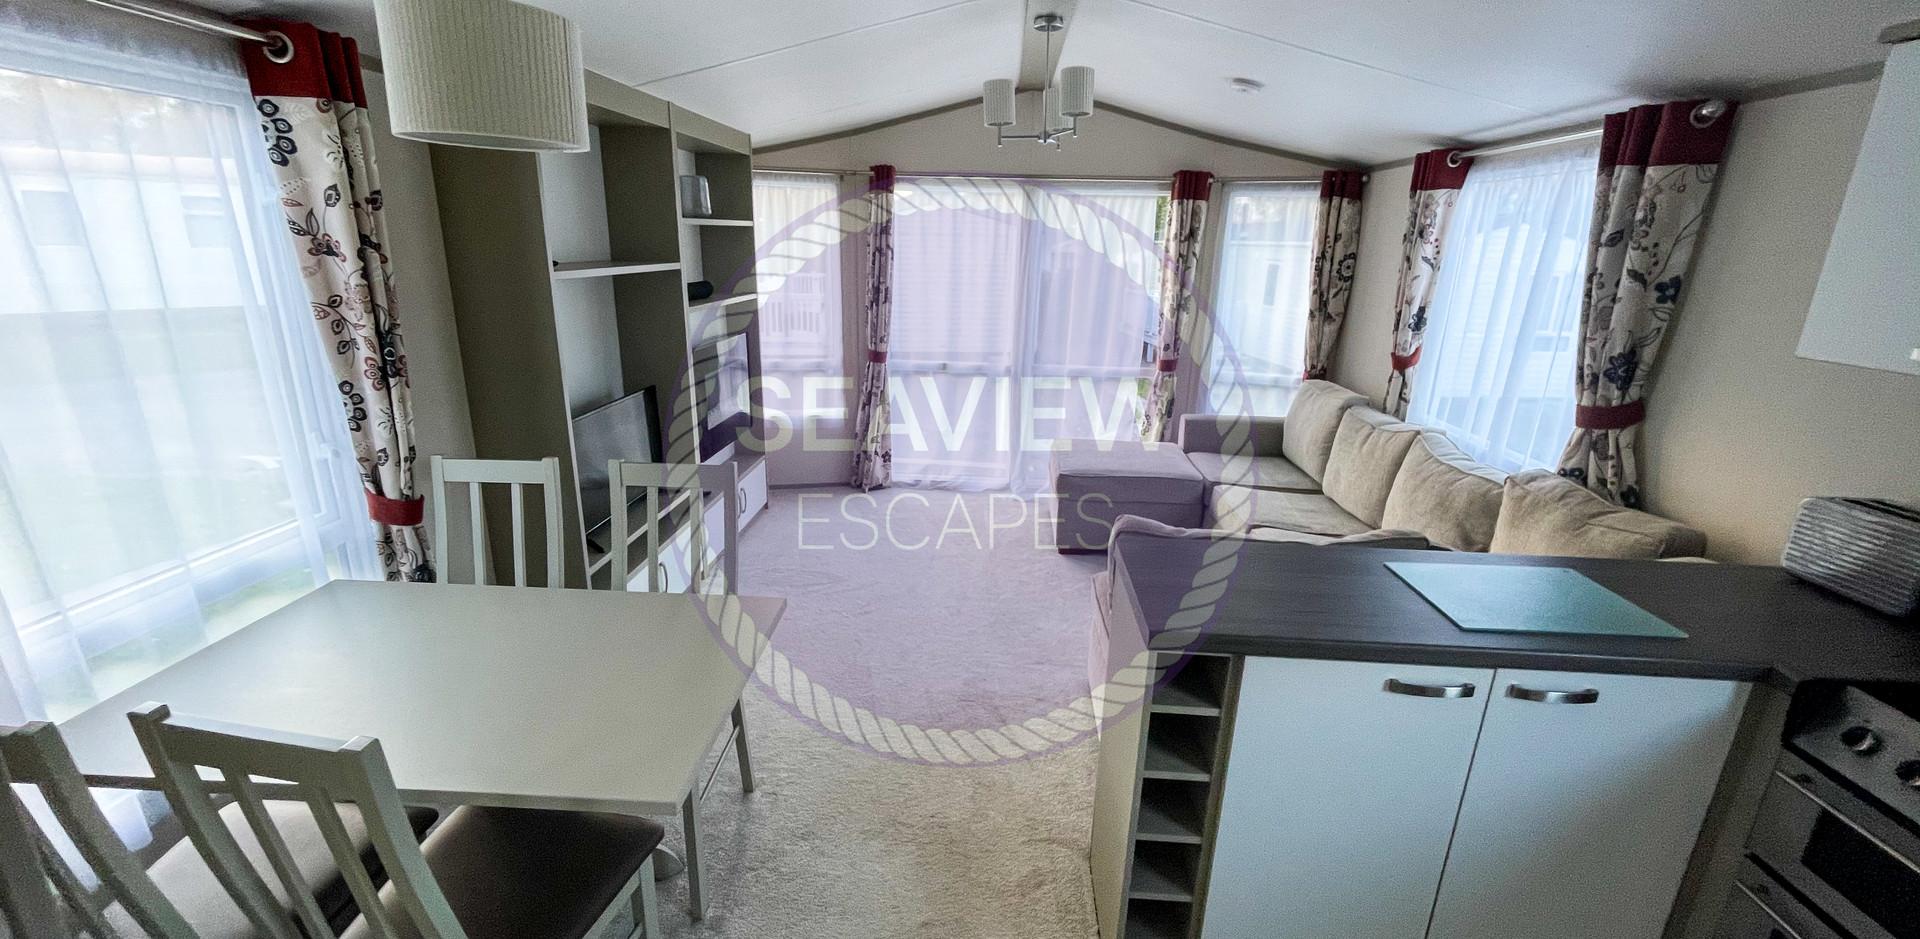 SEAVIEW LBV131-01.jpg